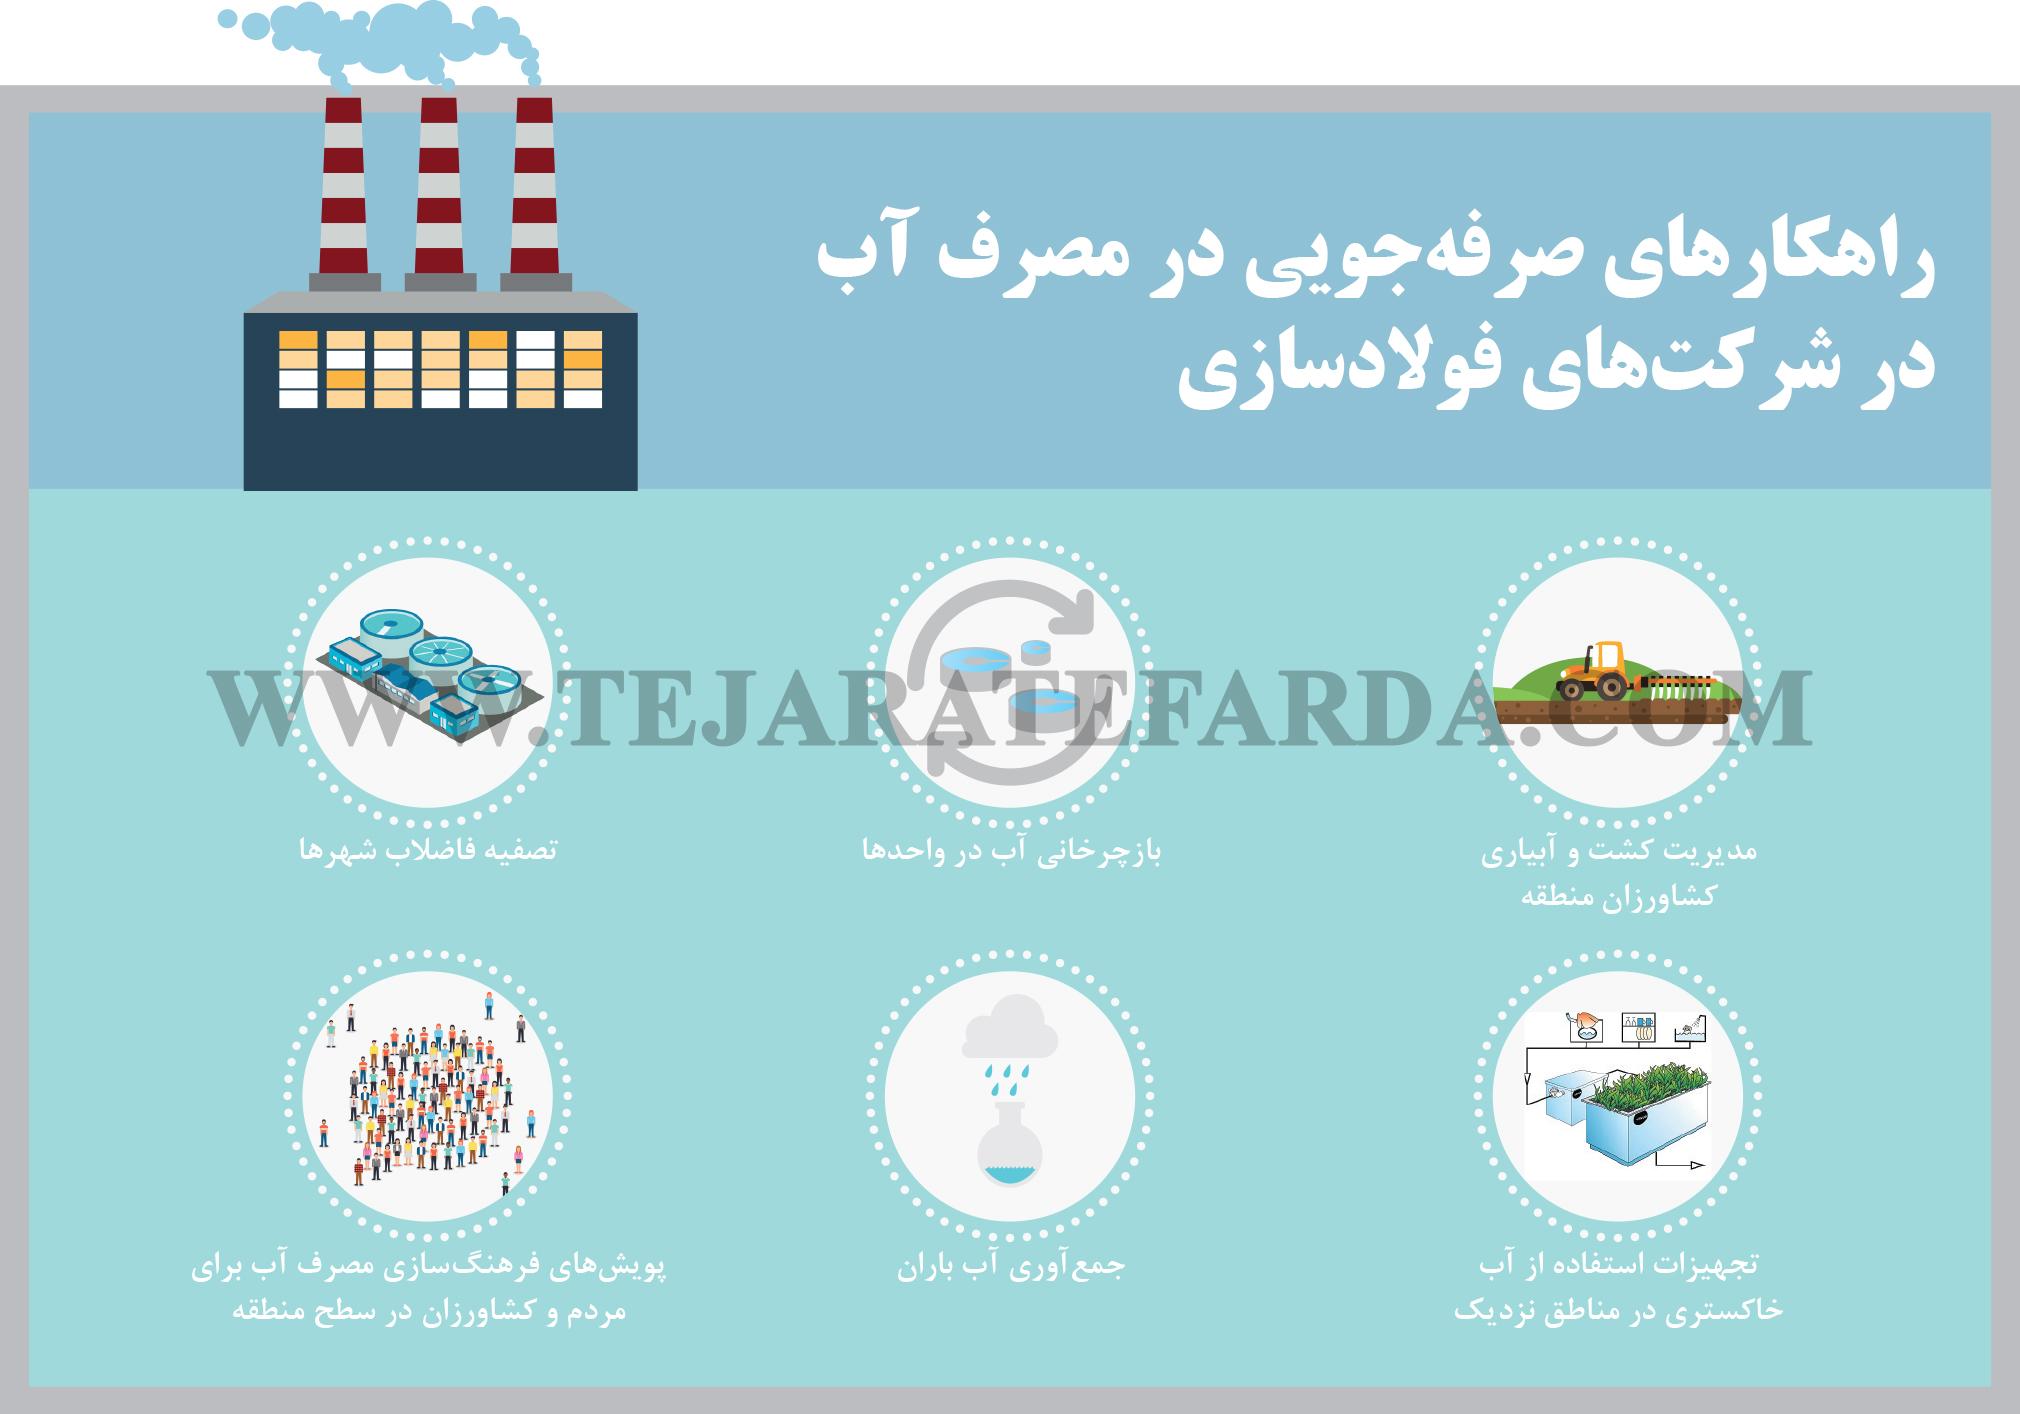 تجارت- فردا- راهکارهای صرفهجویی در مصرف آب در شرکتهای فولادسازی(اینفوگرافیک)